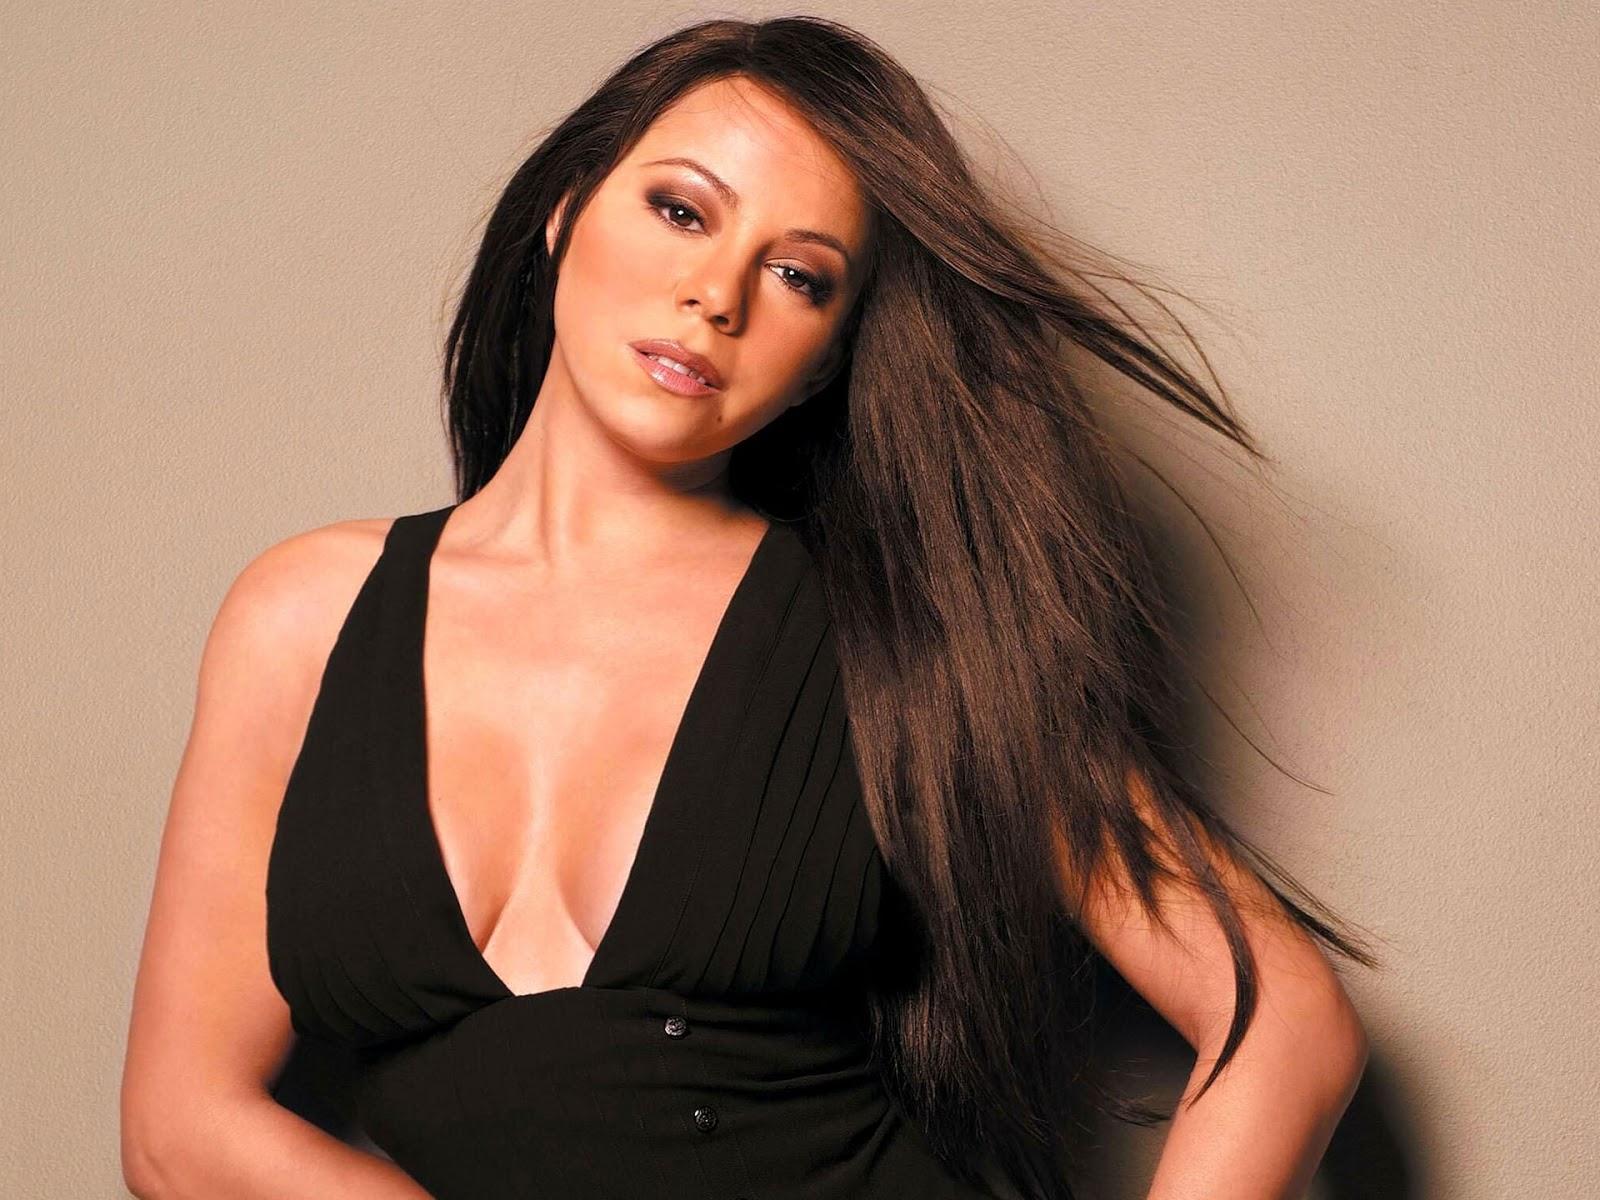 http://4.bp.blogspot.com/-Qoy5xtqU1fA/URfYFDgIjTI/AAAAAAAAwlU/TIi6Pck2TgQ/s1600/mariah-carey-brunette.jpg